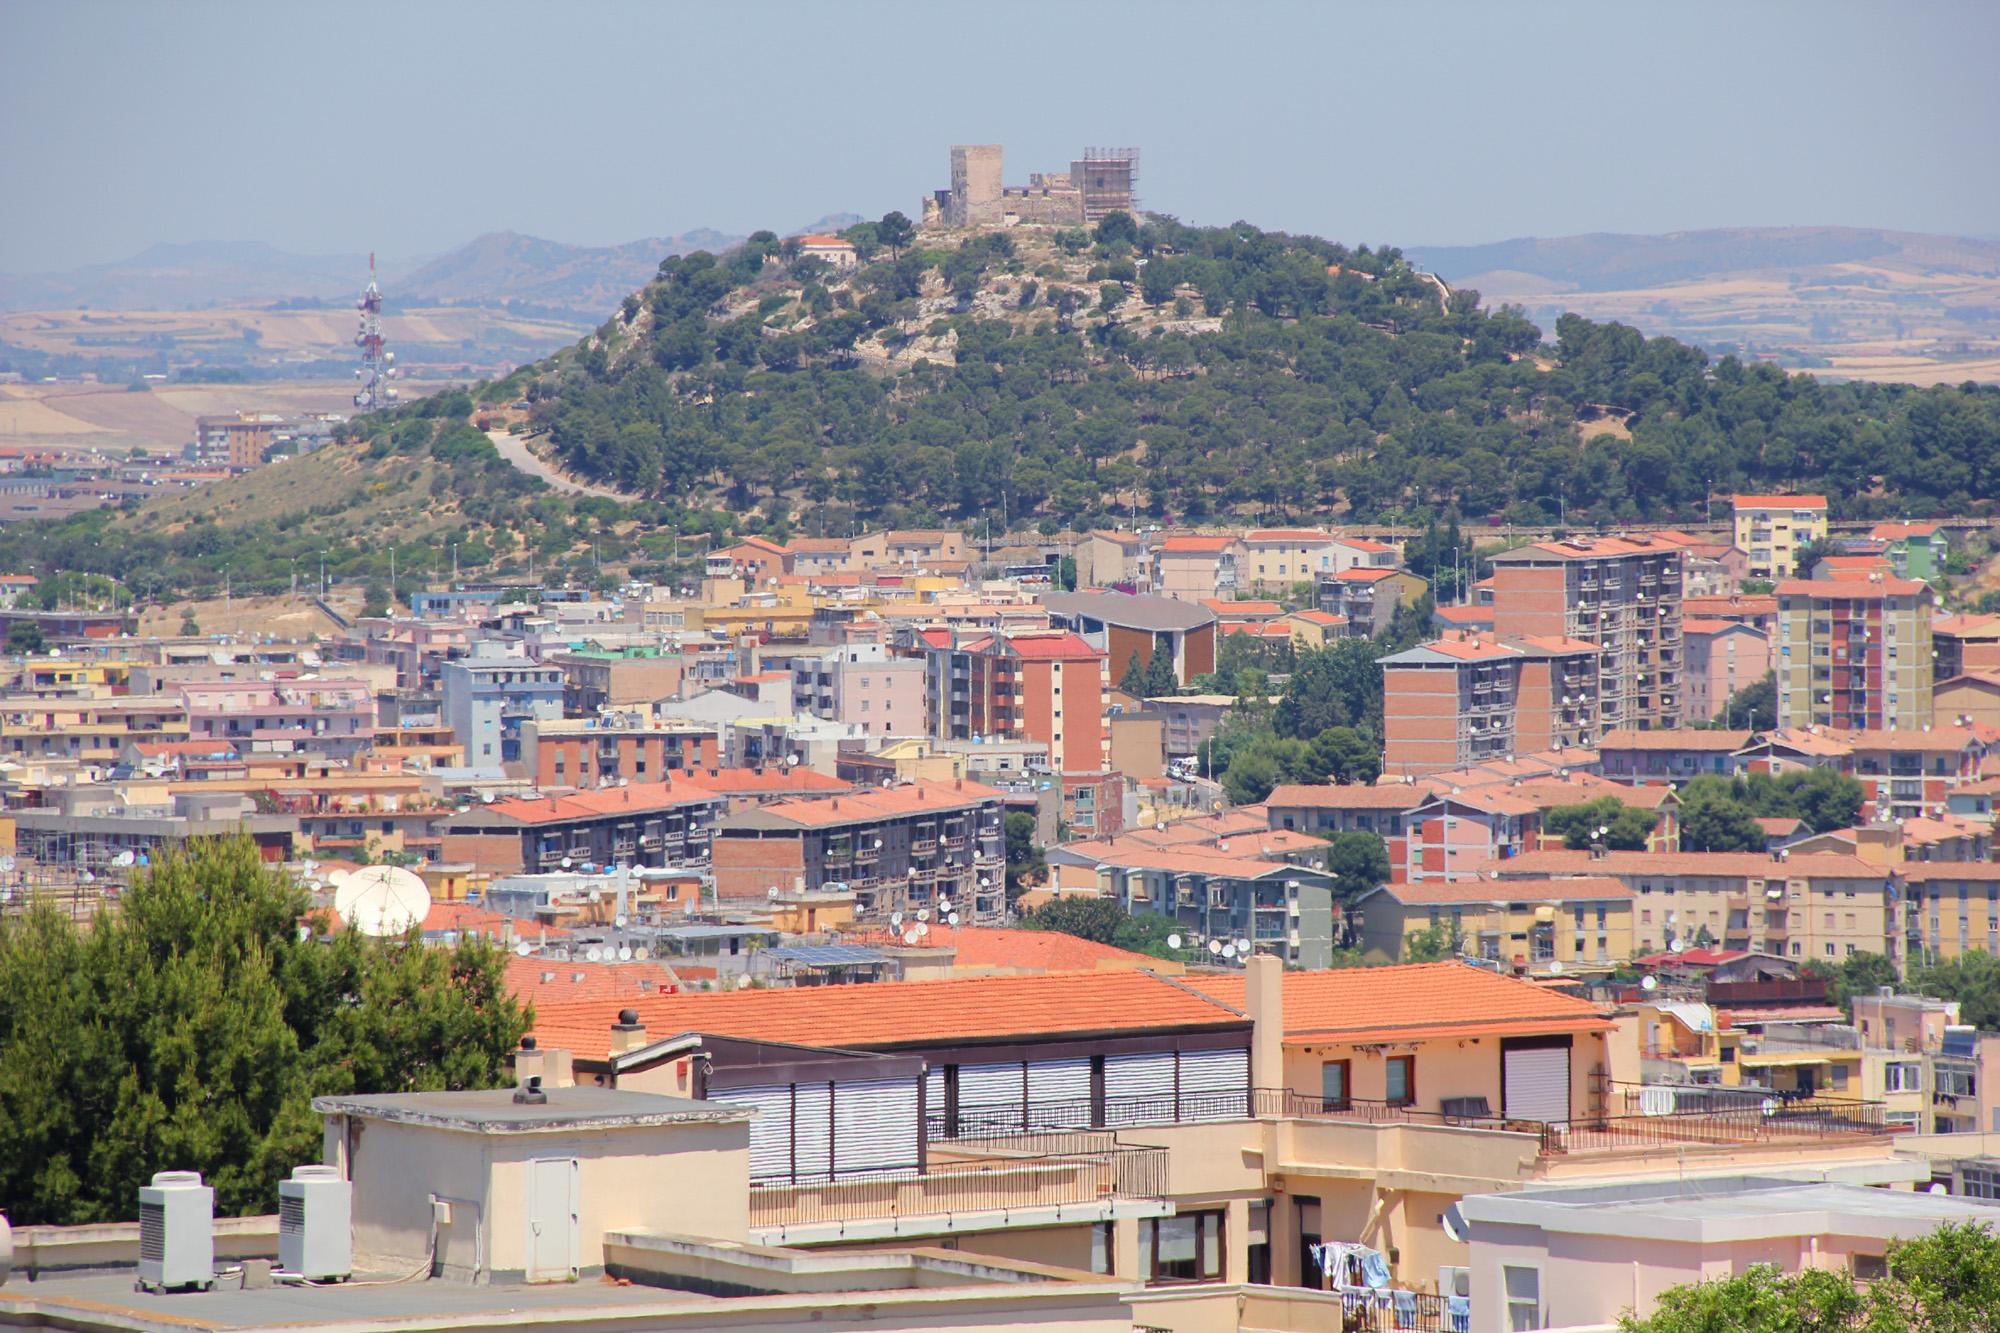 colle S. Michele Cagliari - panoramica della città